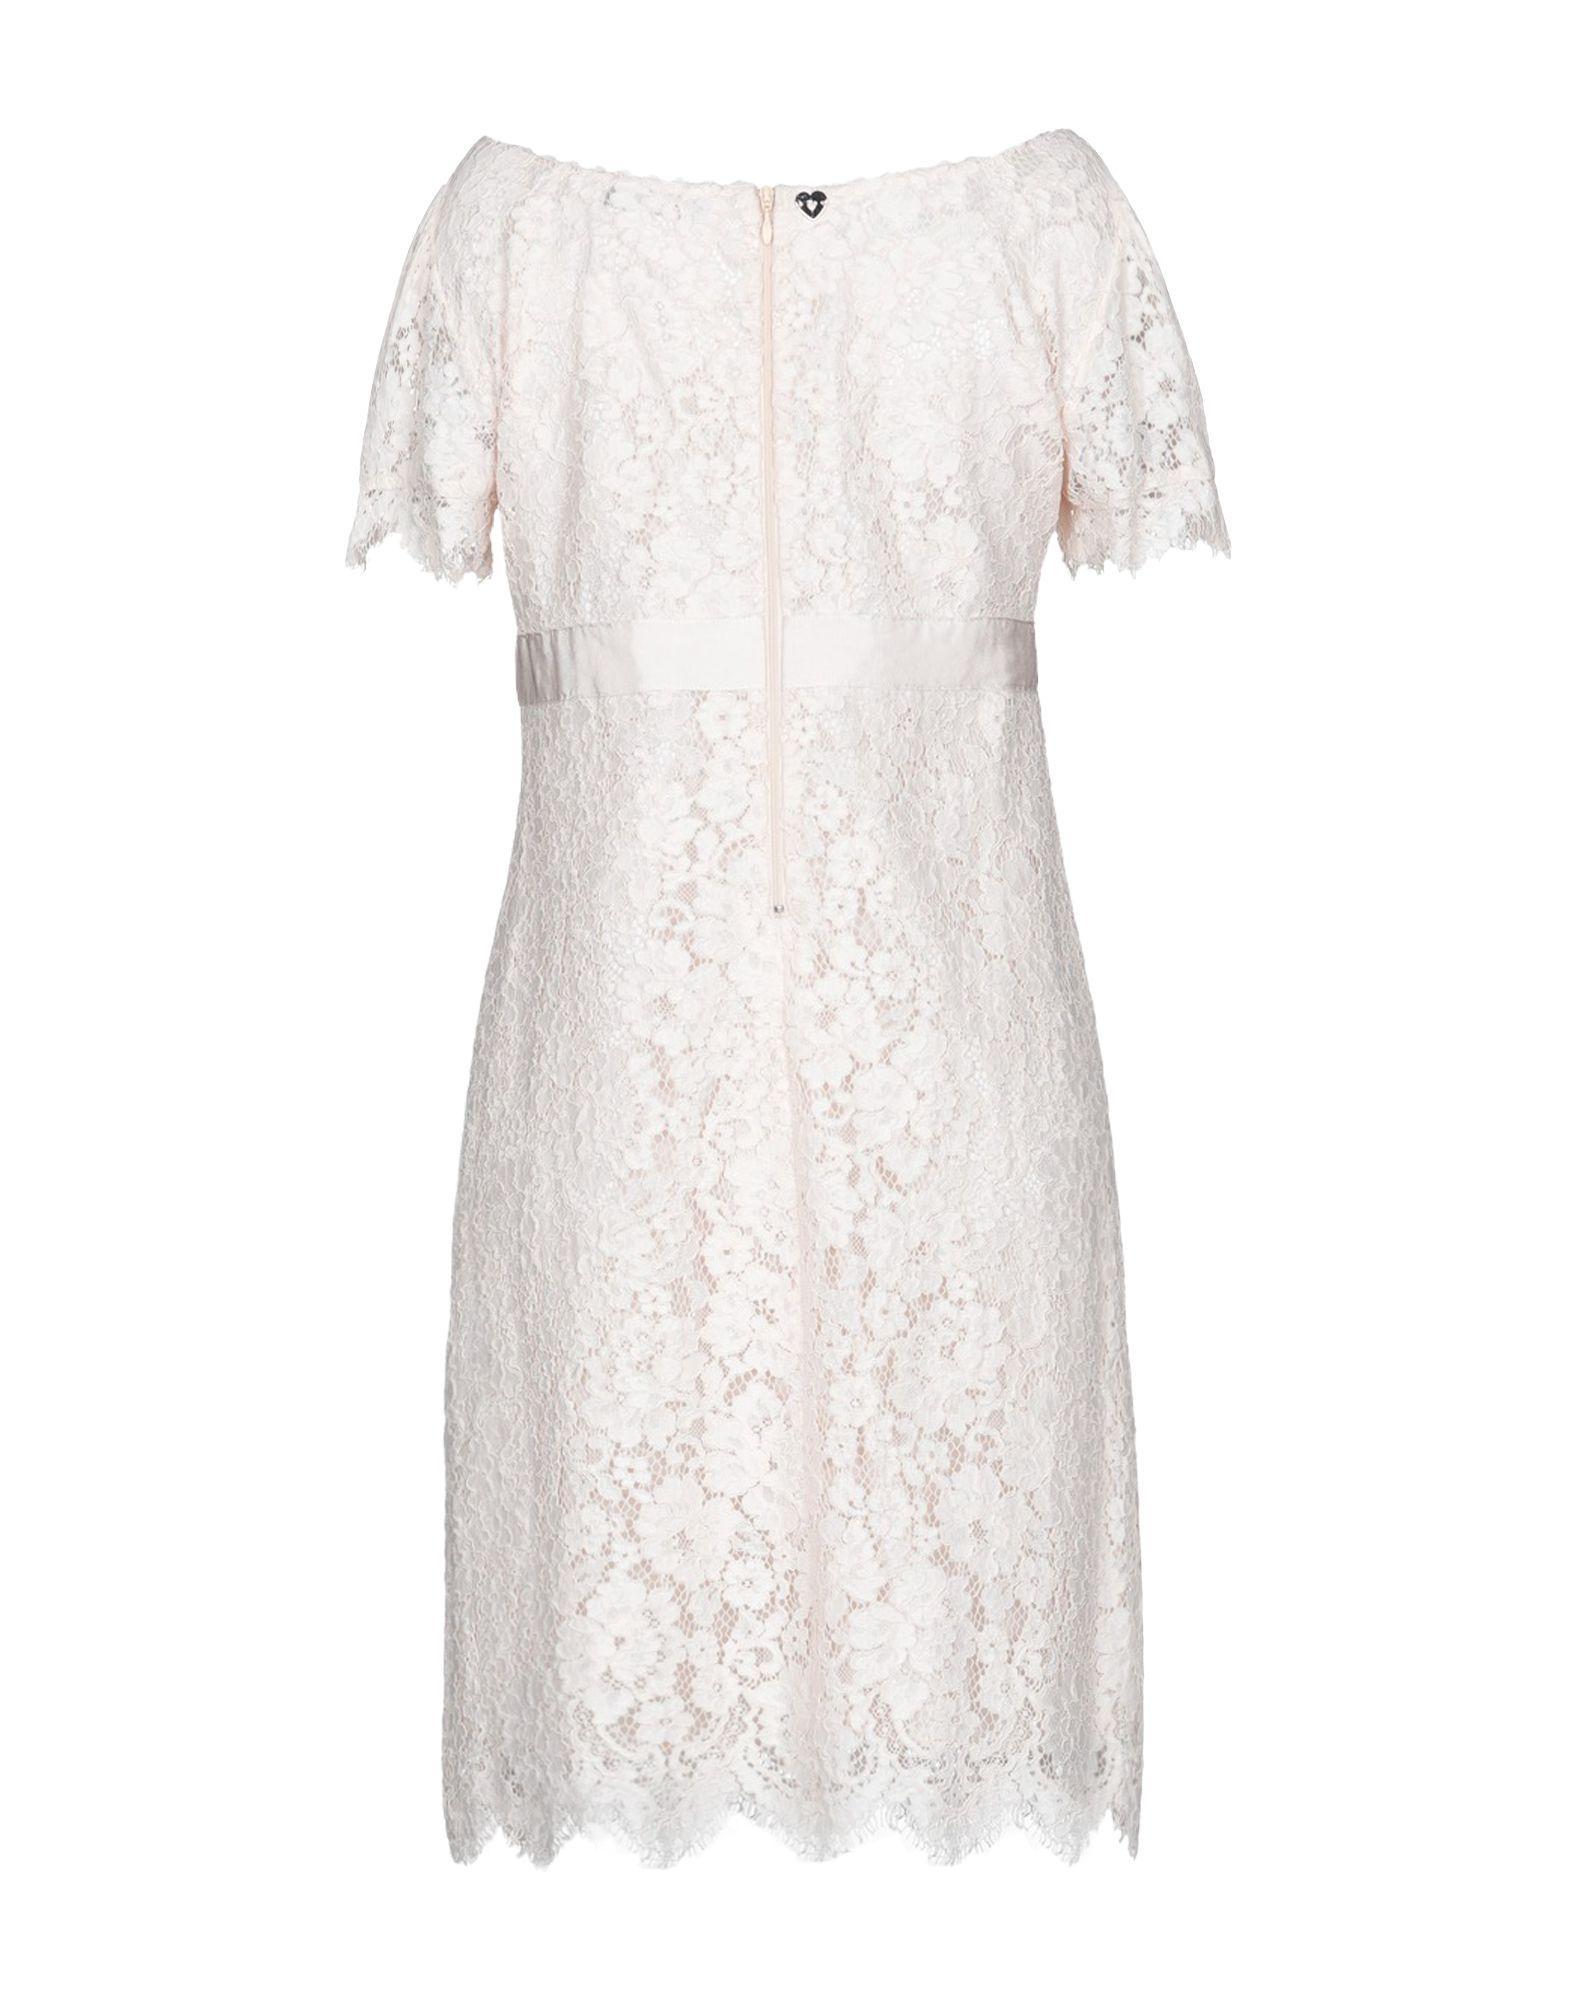 Twinset Light Pink Cotton Lace Dress